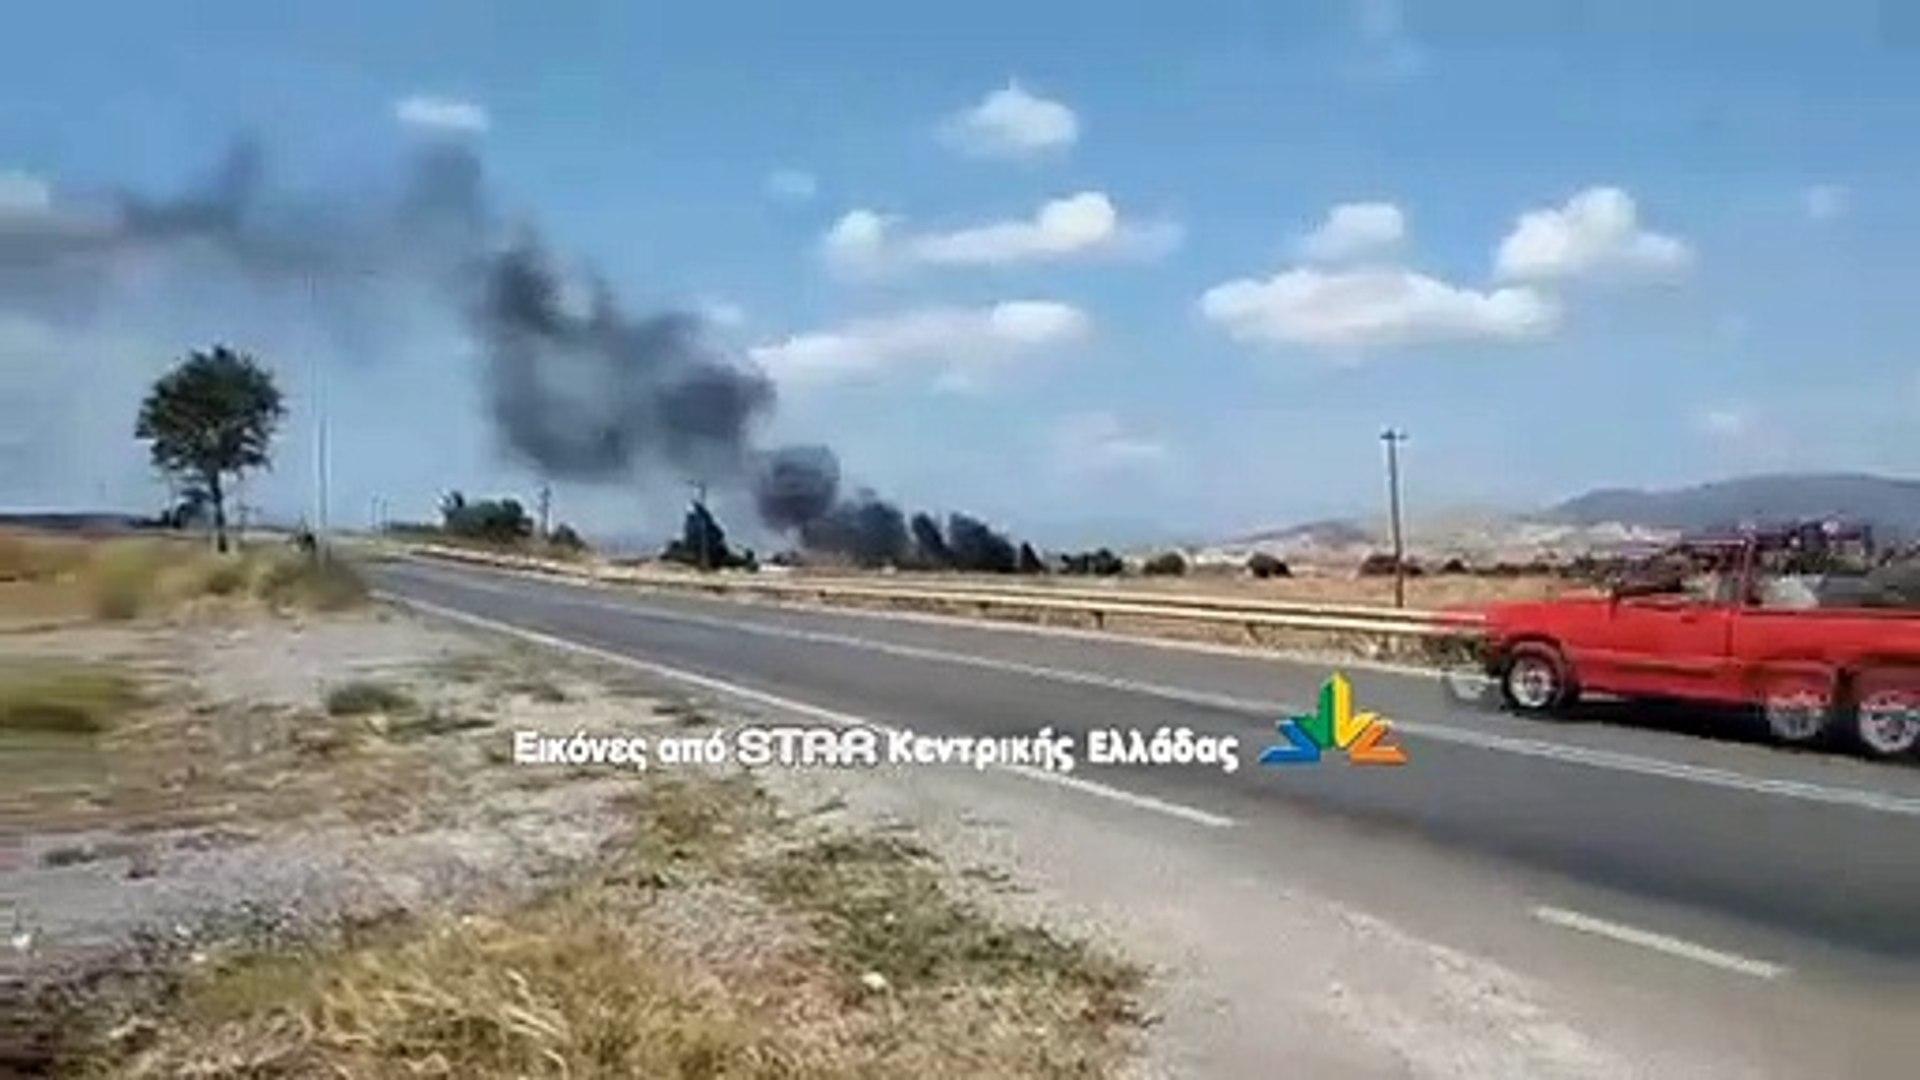 Θήβα:Ρομά καίνε αγροτικές καλλιέργειες δίπλα απο τον καταυλισμό ...